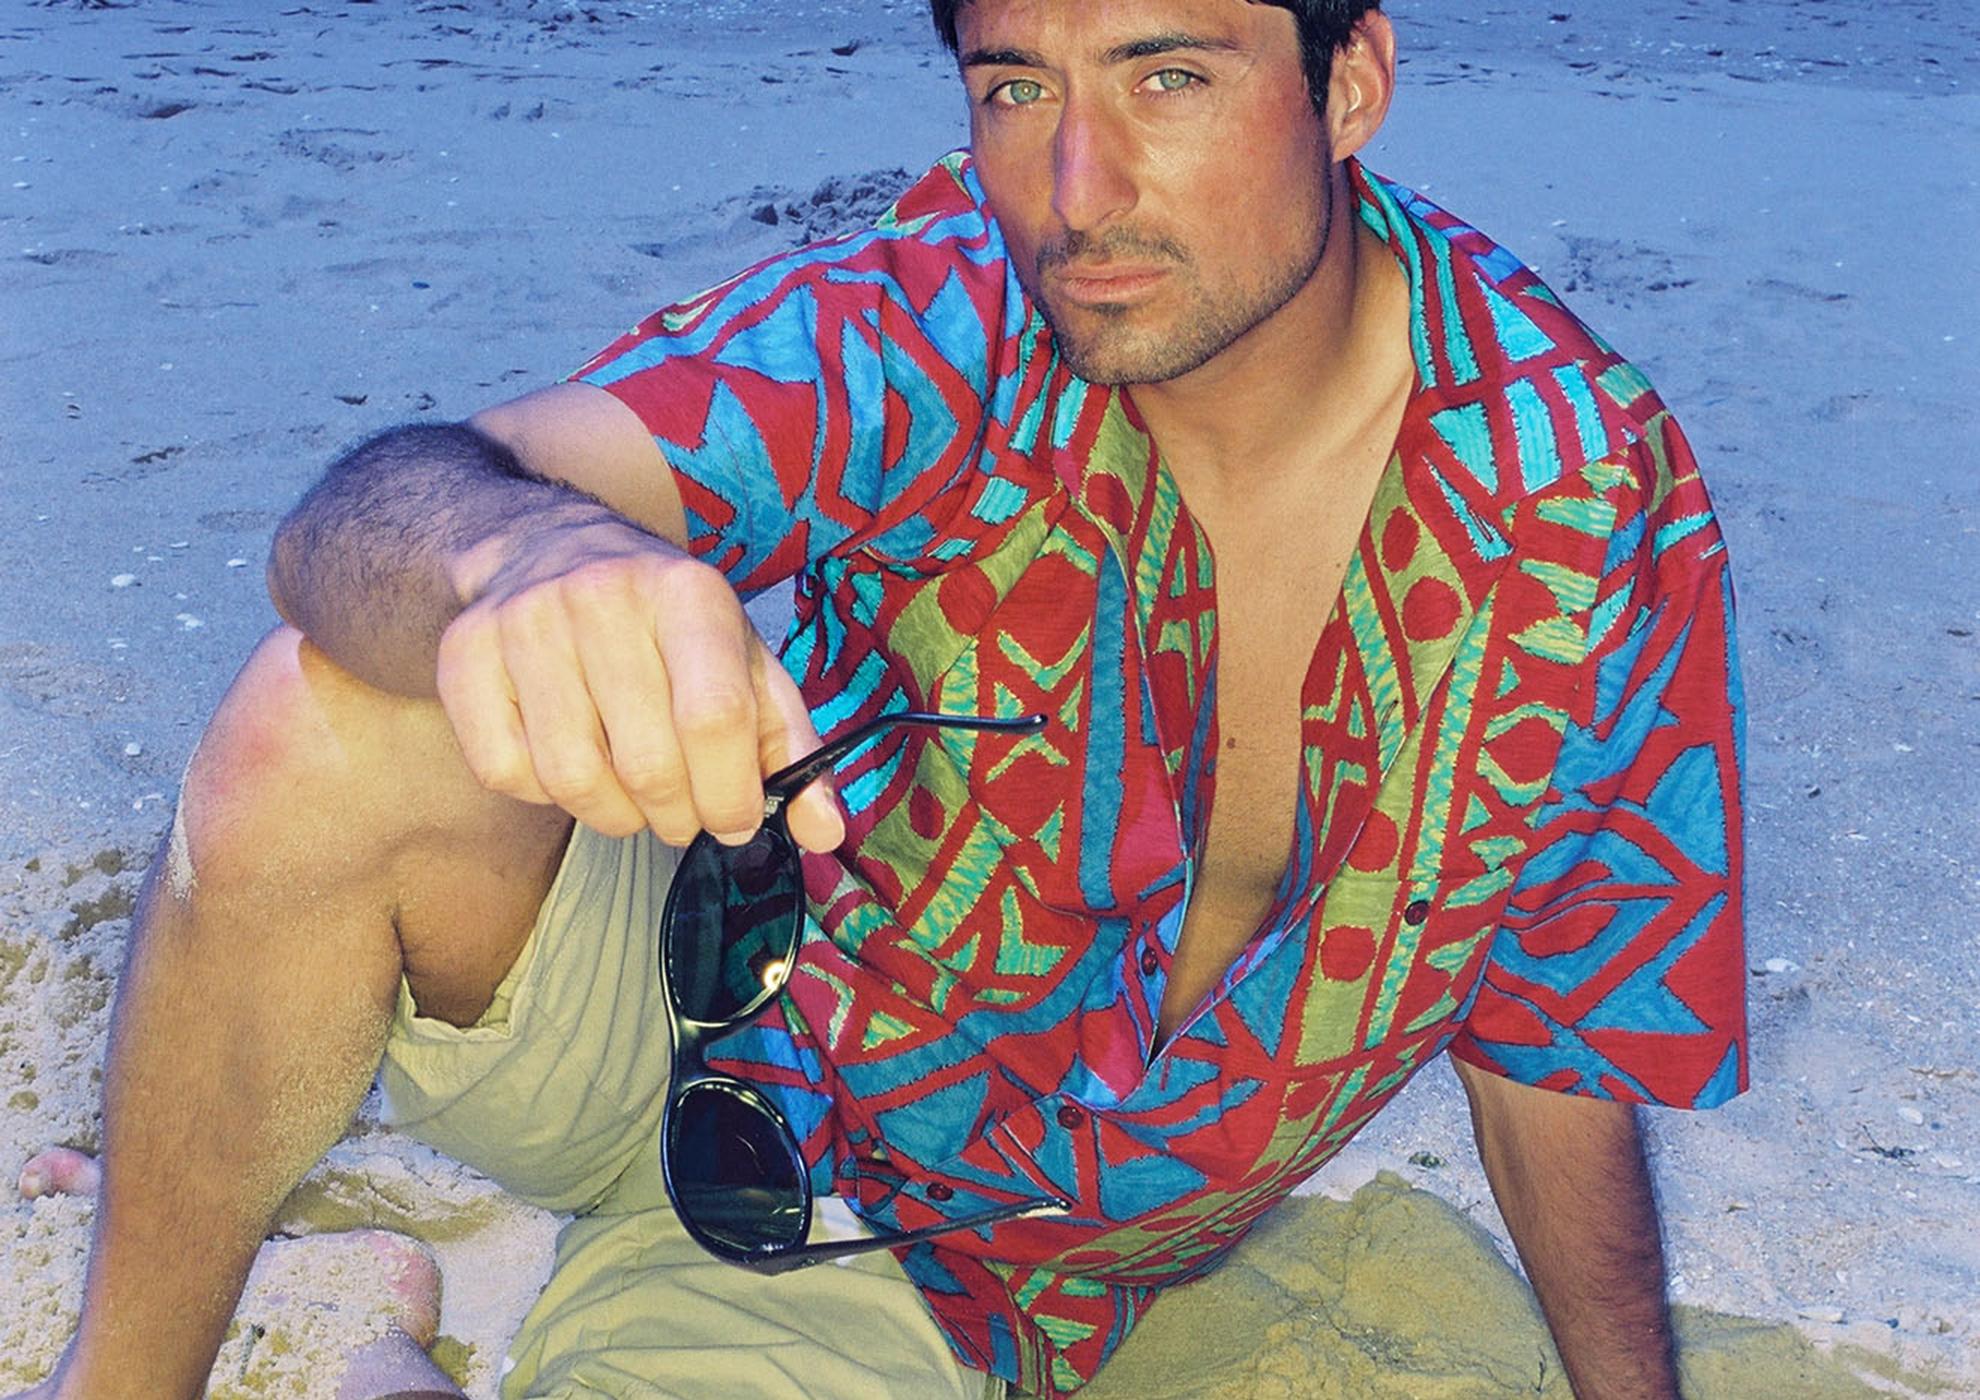 carpe diem fashion men1.jpg